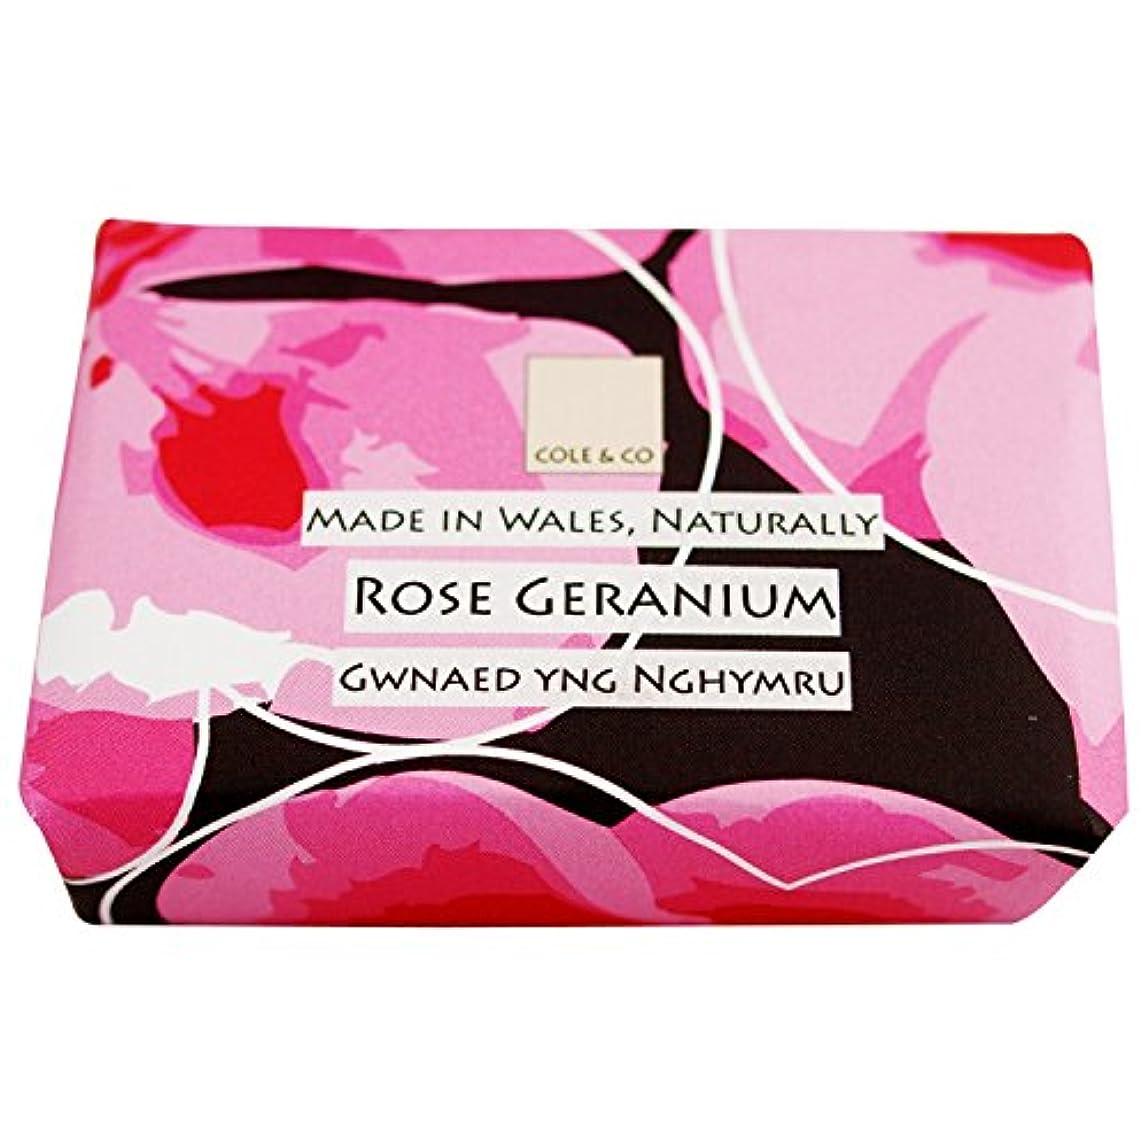 魔術師影響するミリメートルコール&Coはゼラニウム石鹸80グラムのバラ (Cole & Co) (x6) - Cole & Co Rose Geranium Soap 80g (Pack of 6) [並行輸入品]